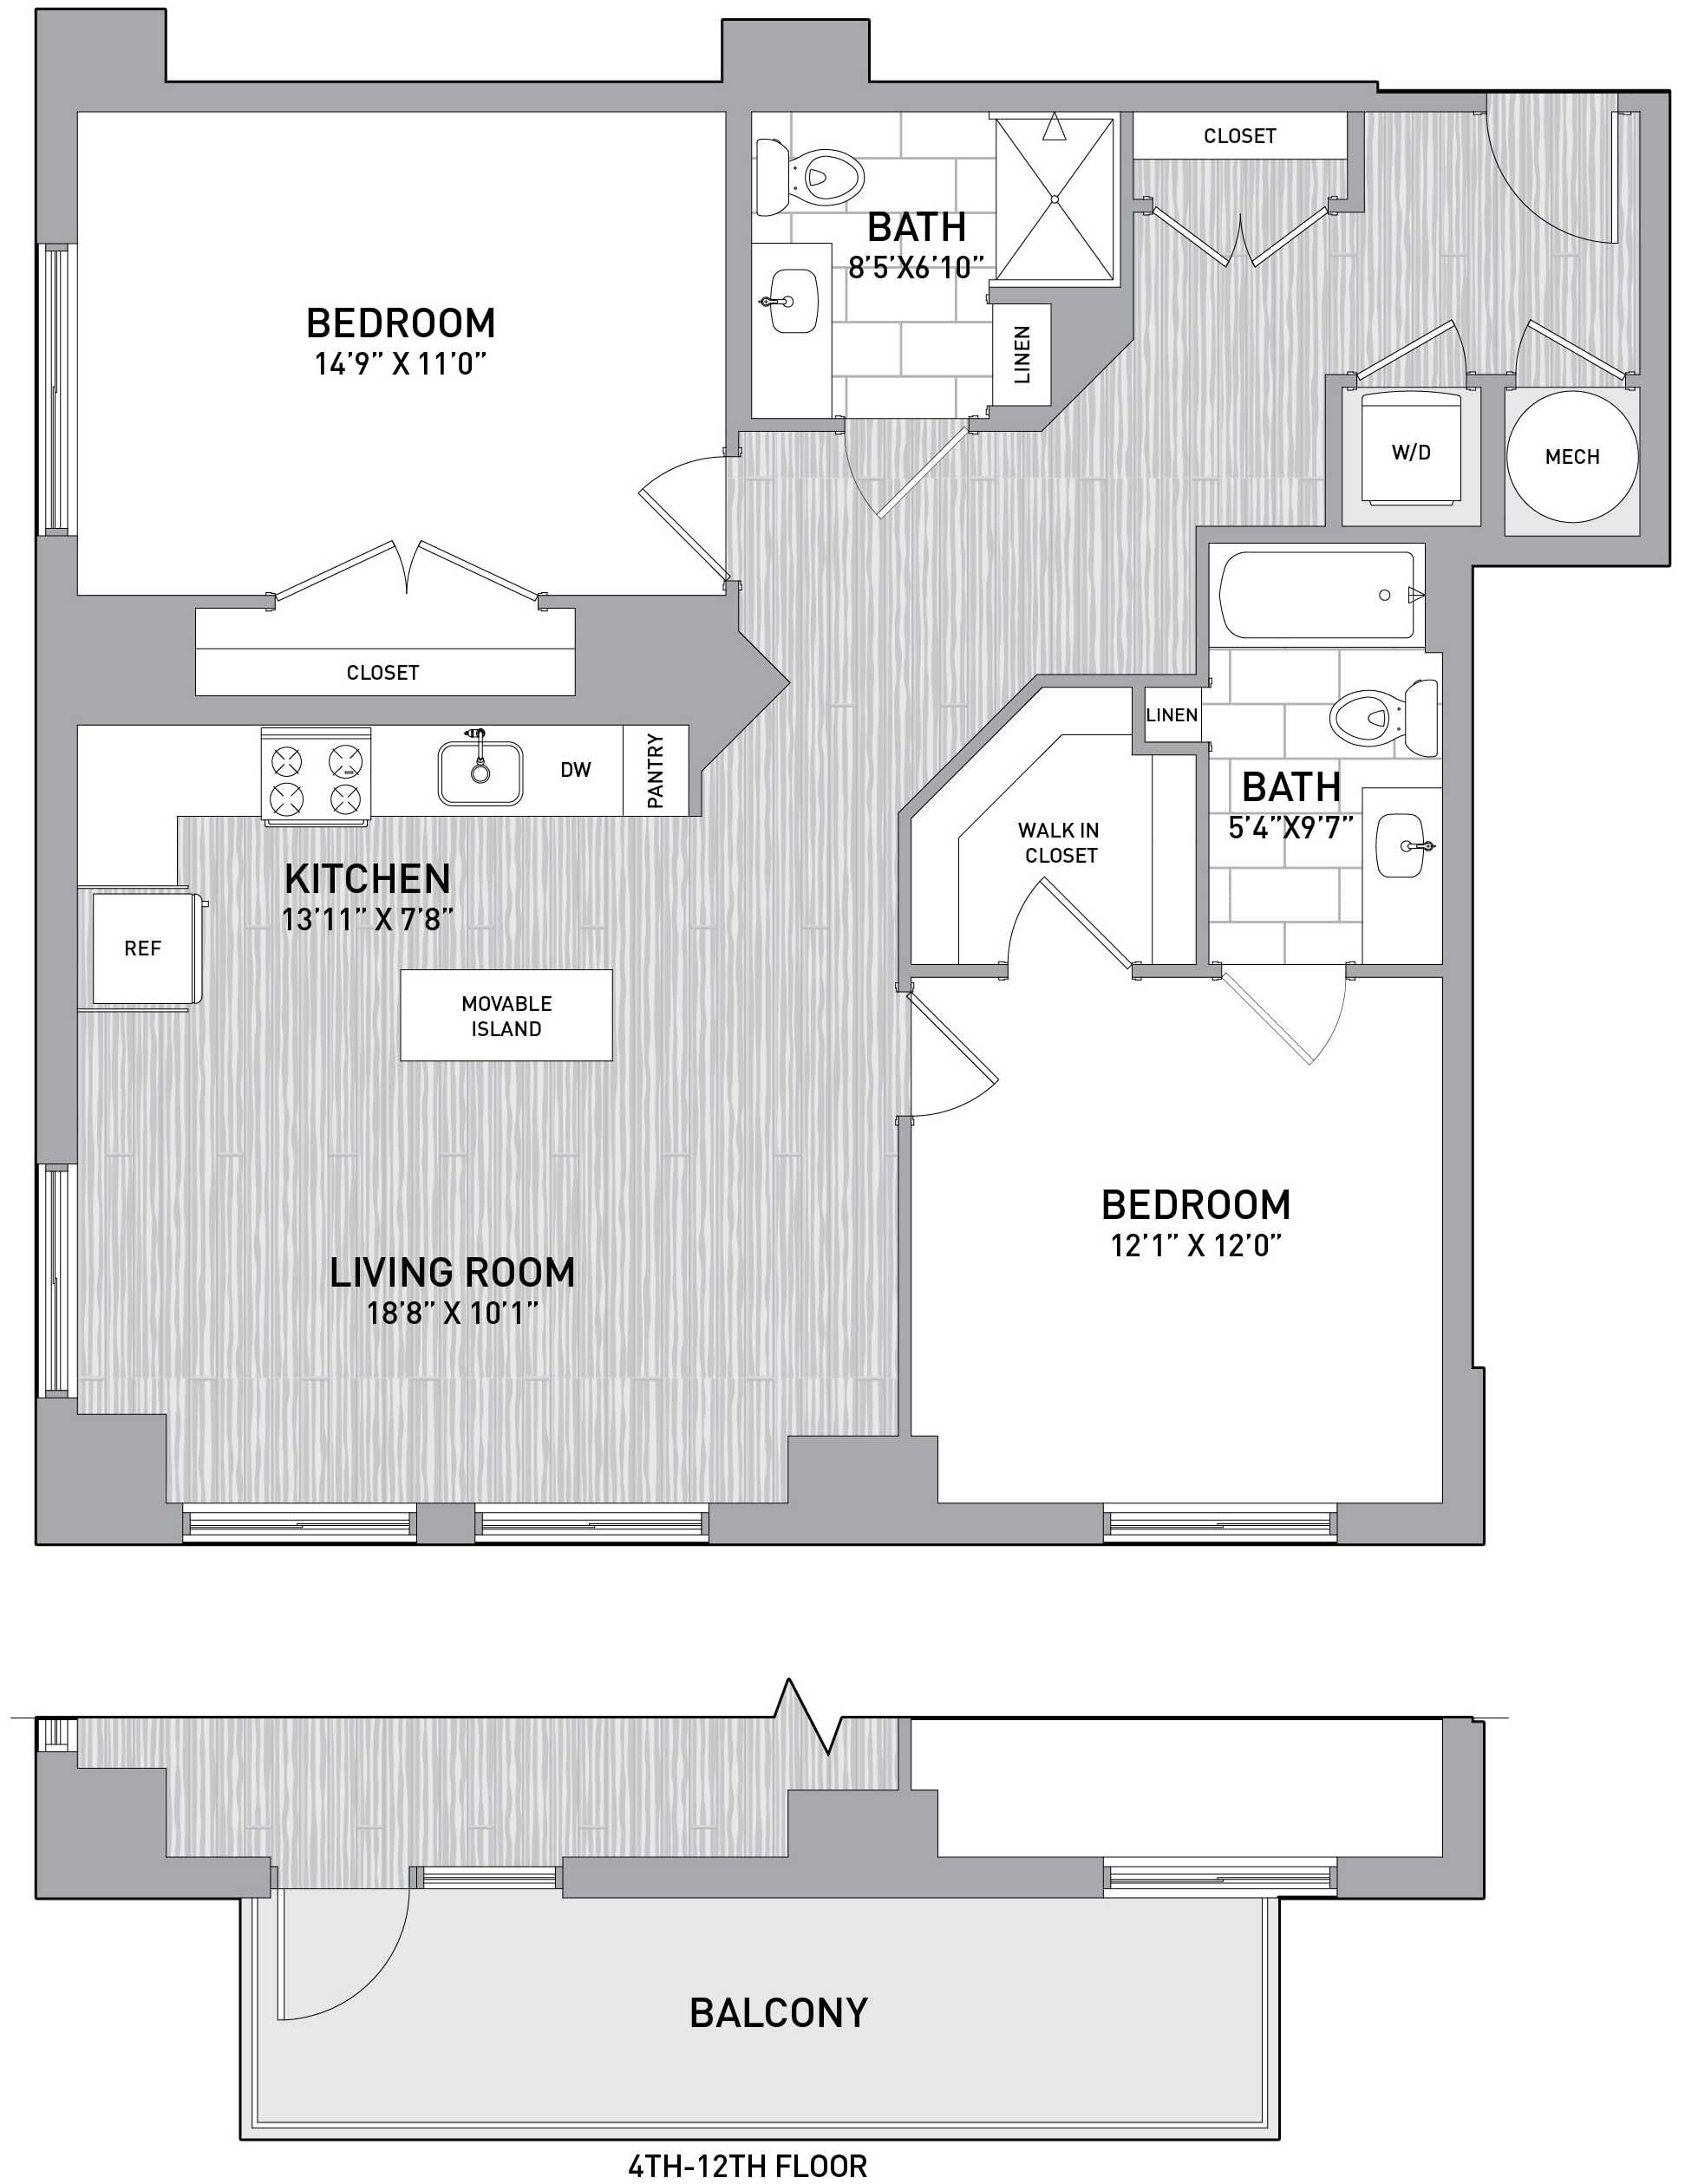 Floorplan Image of unit 151-0806